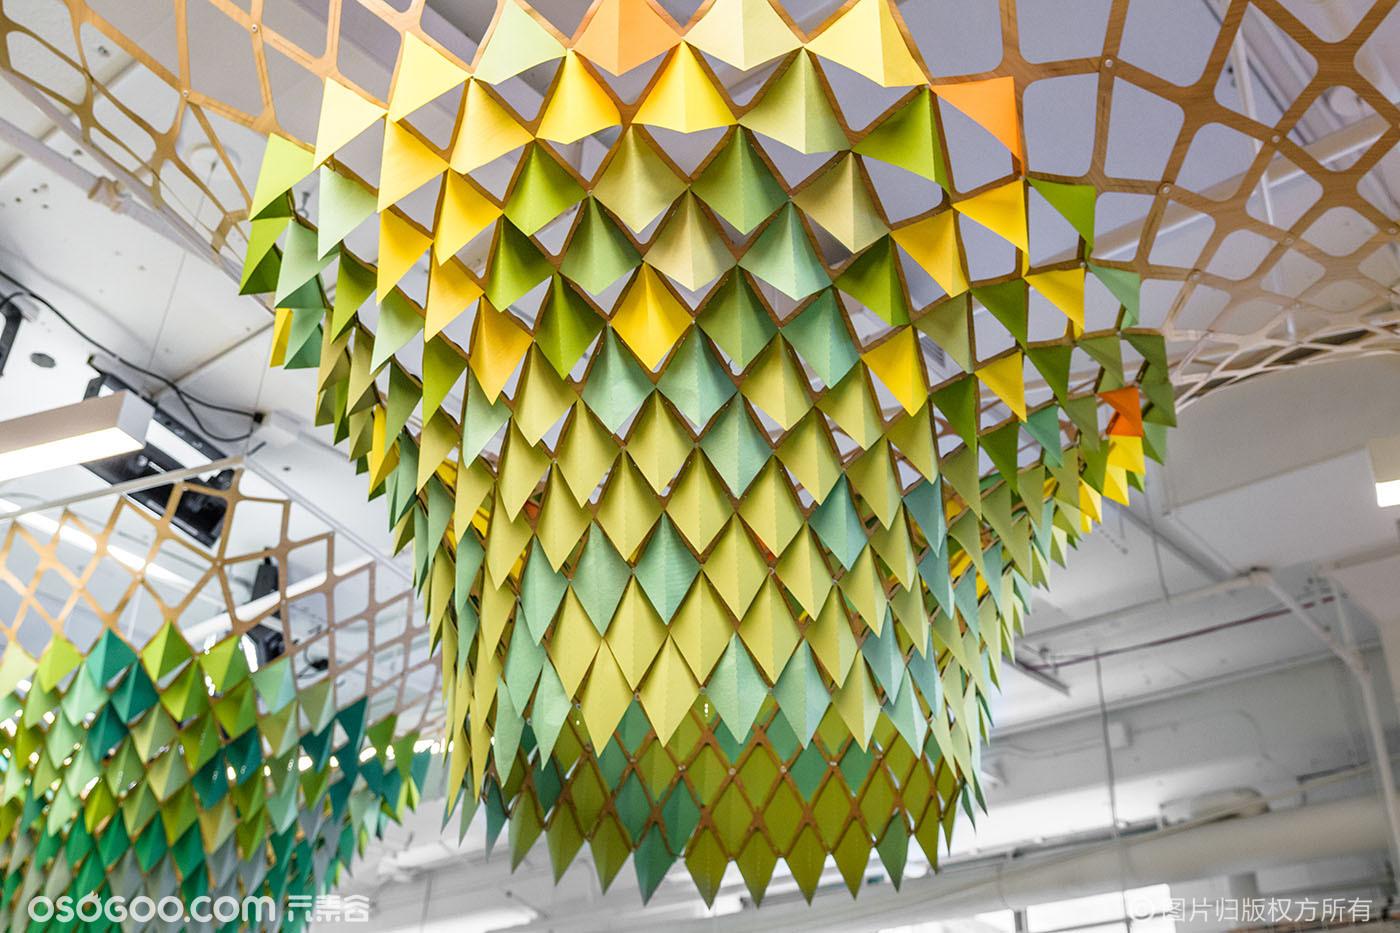 环保材料折纸也可以这么壮观